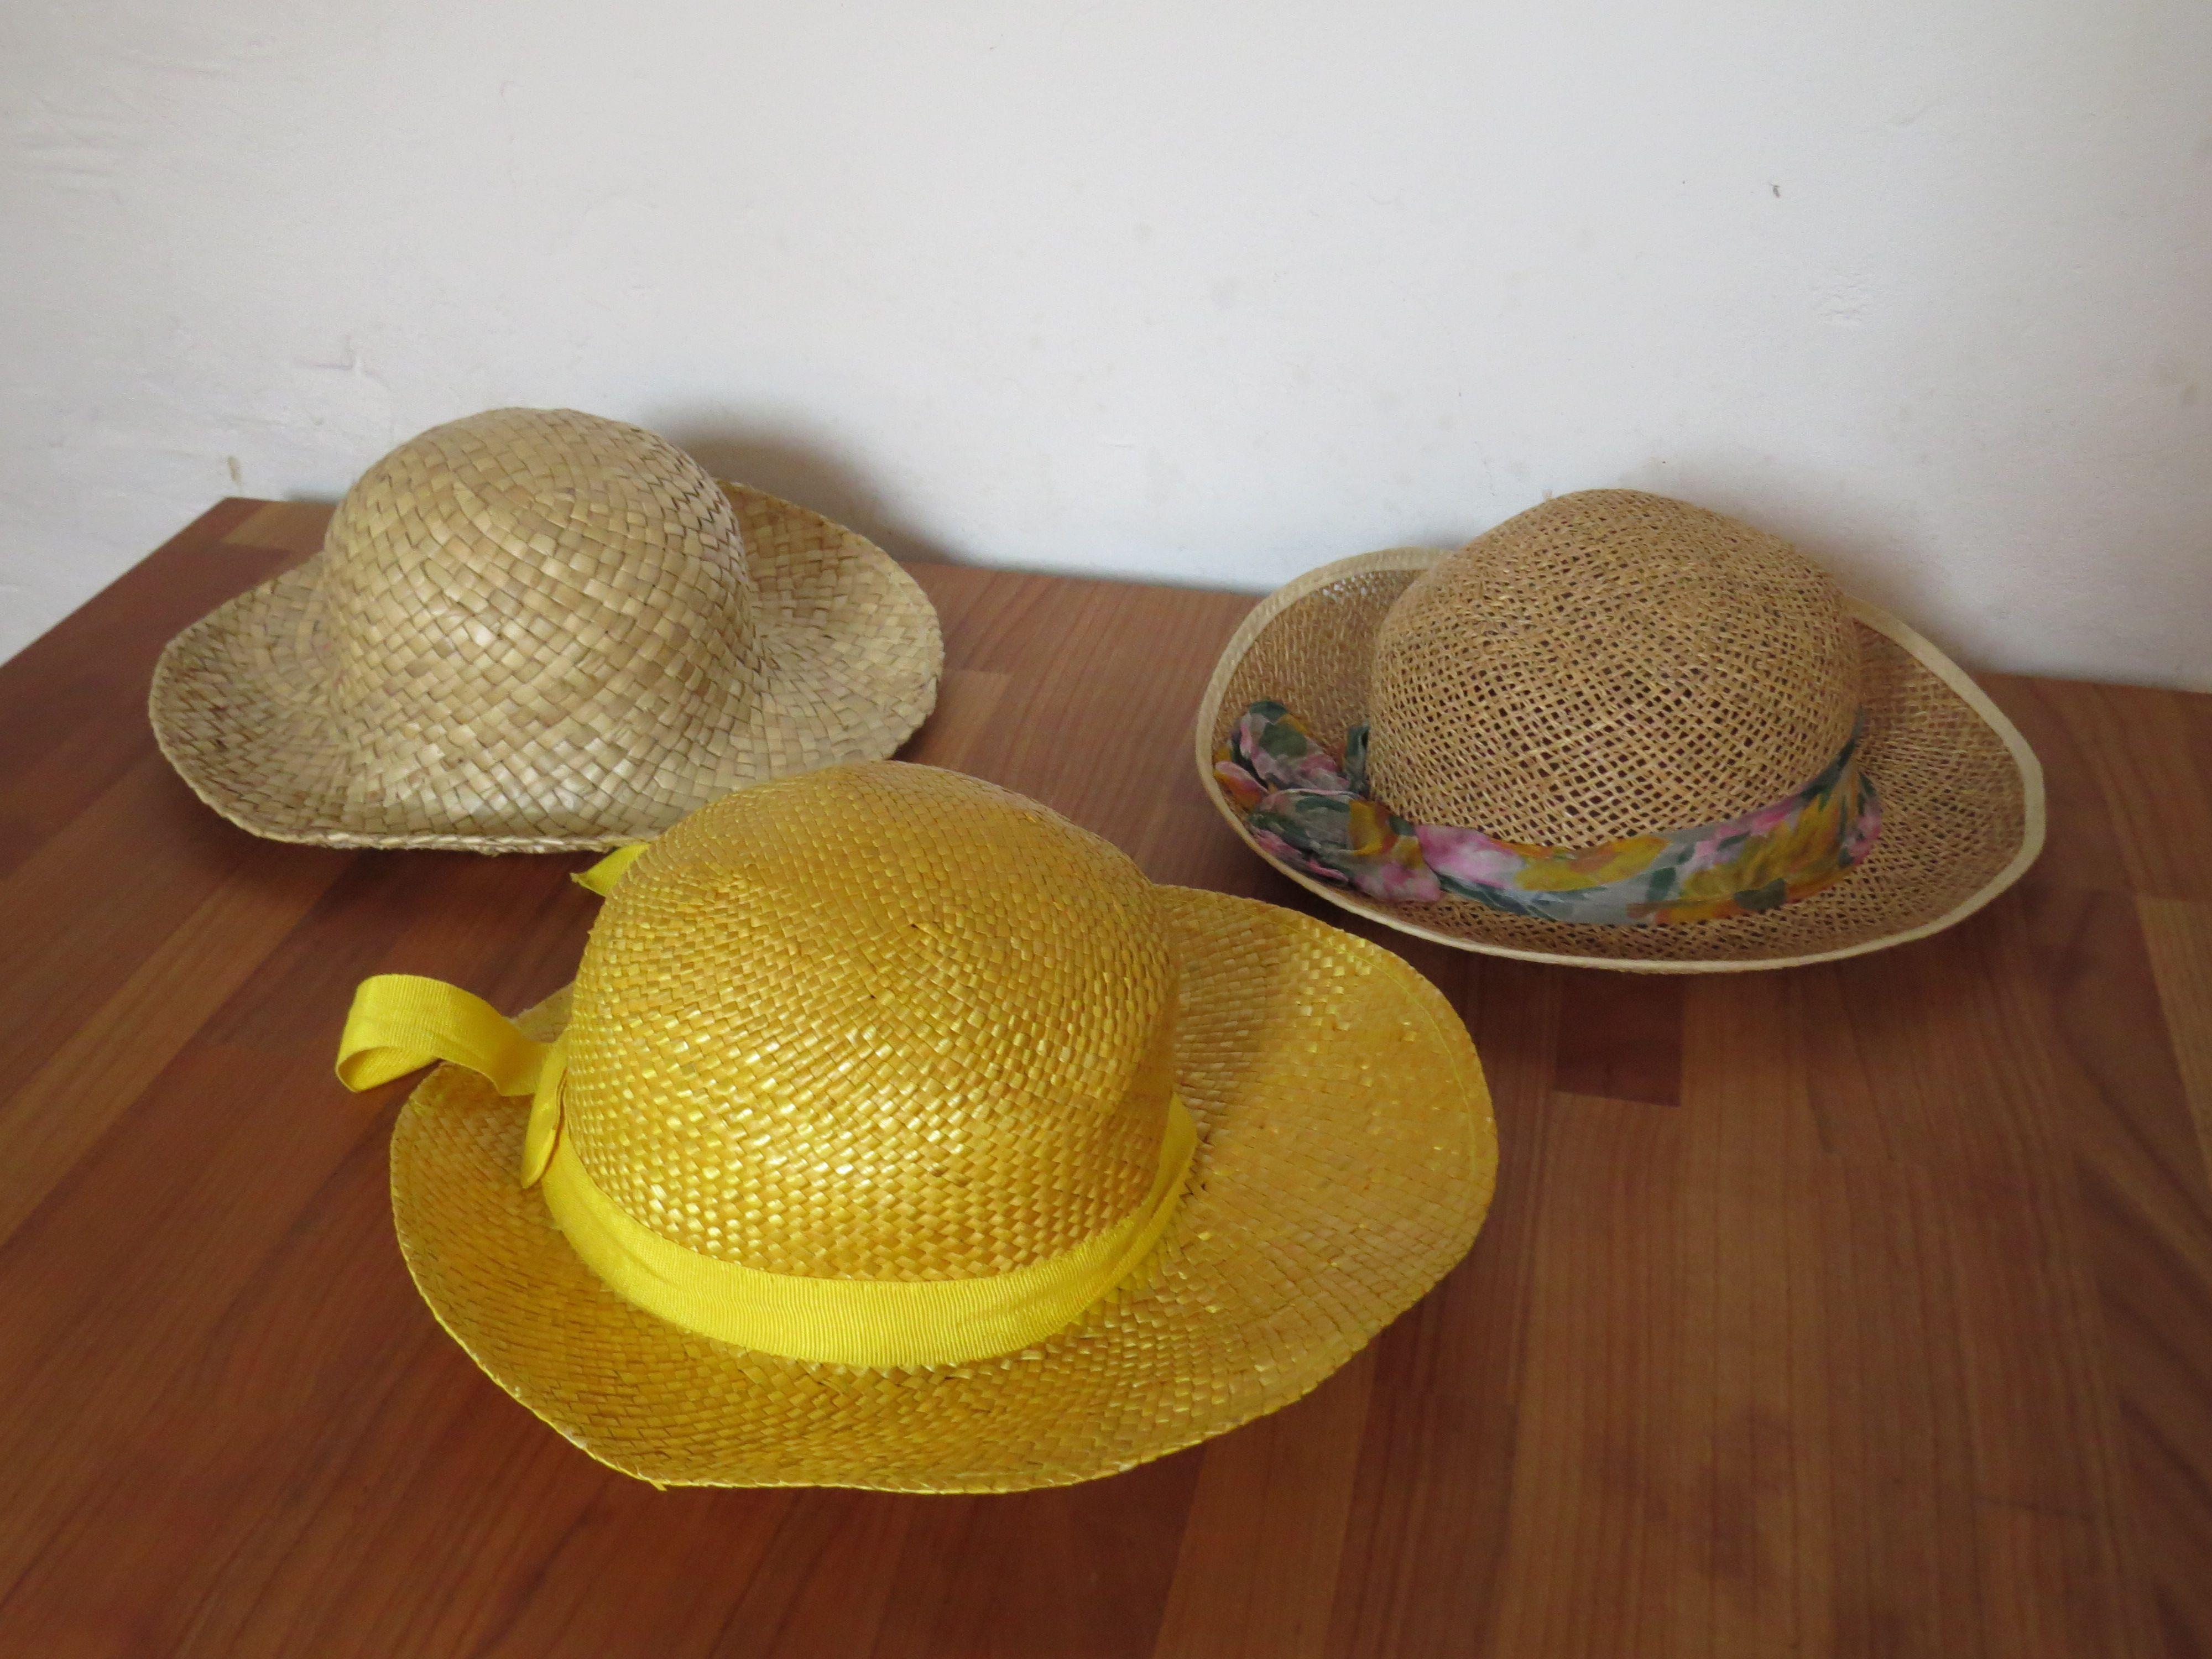 drie geschikte hoeden. three suitable hats, drie passende huete. trois chapeaux bien.